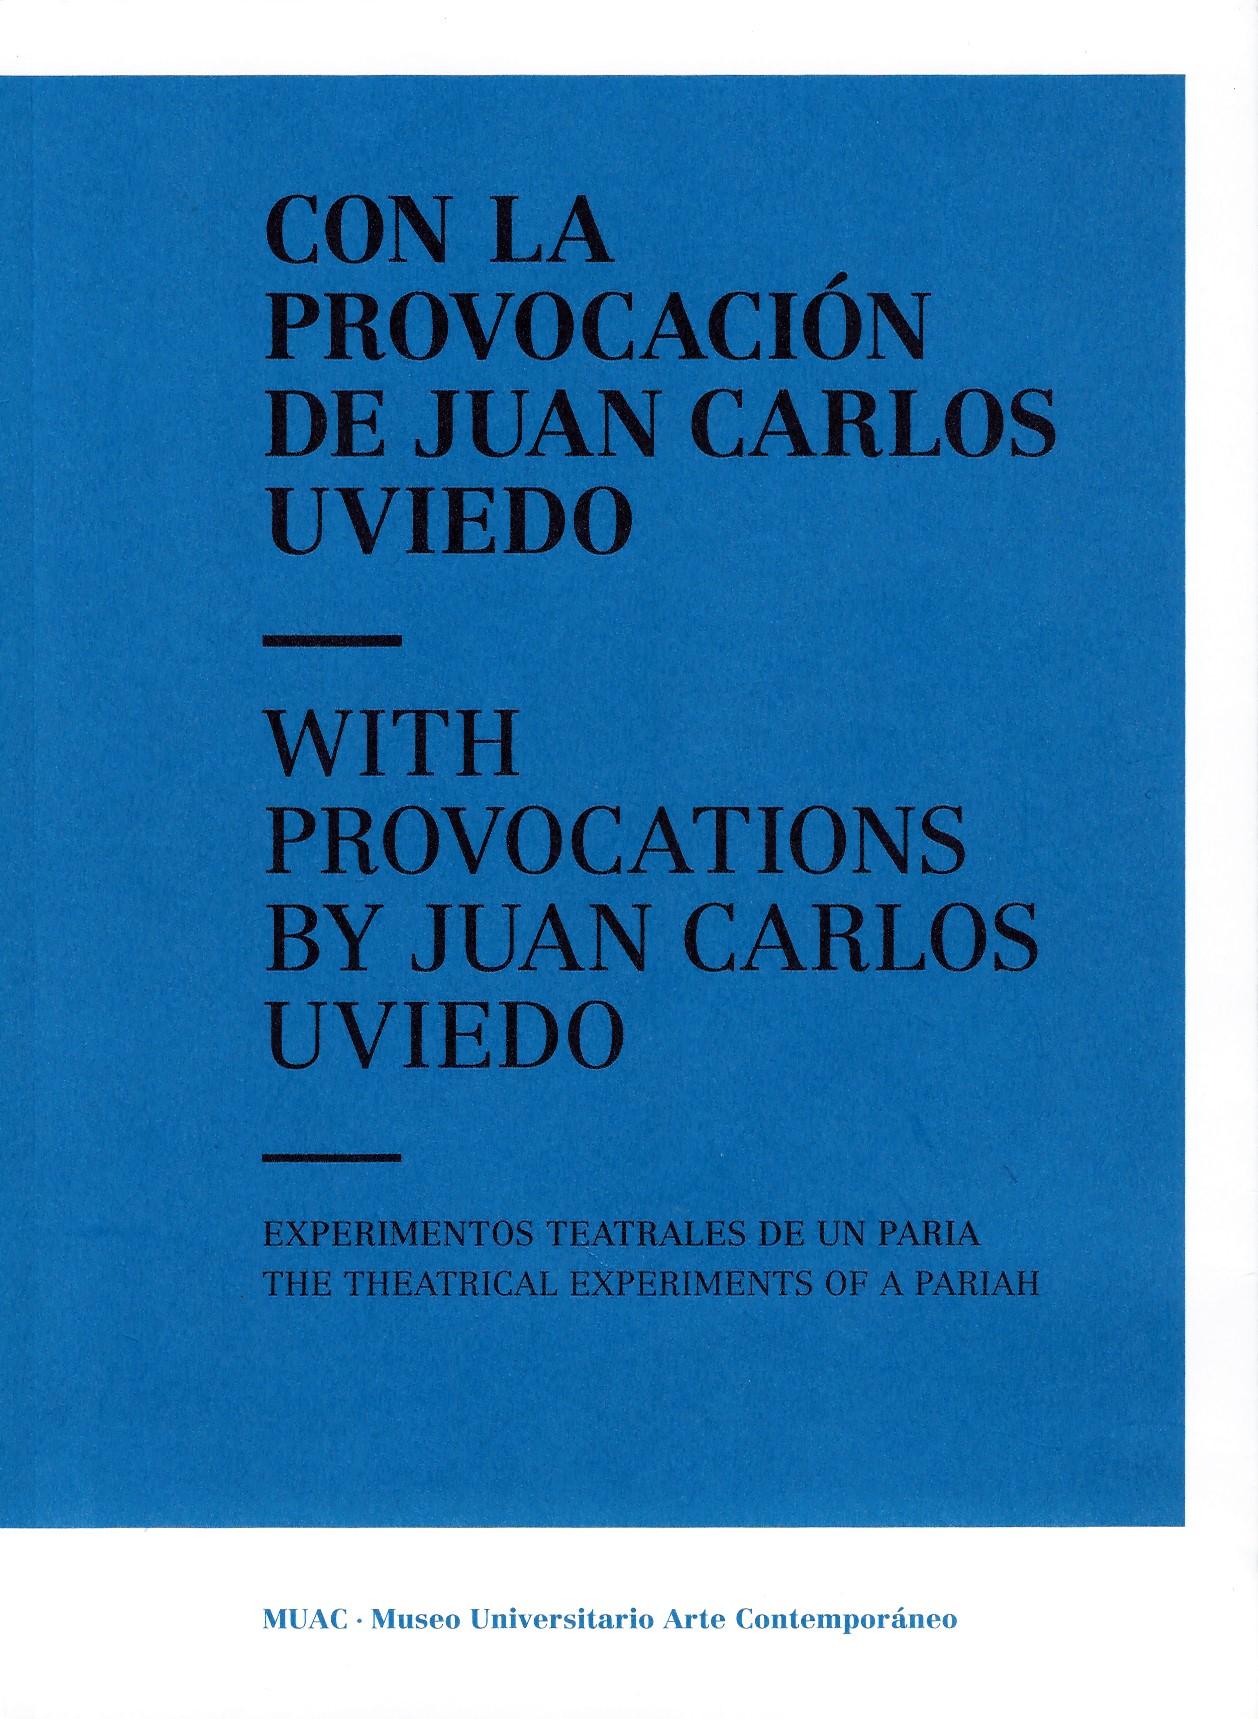 Con la provocación de Juan Carlos Uviedo